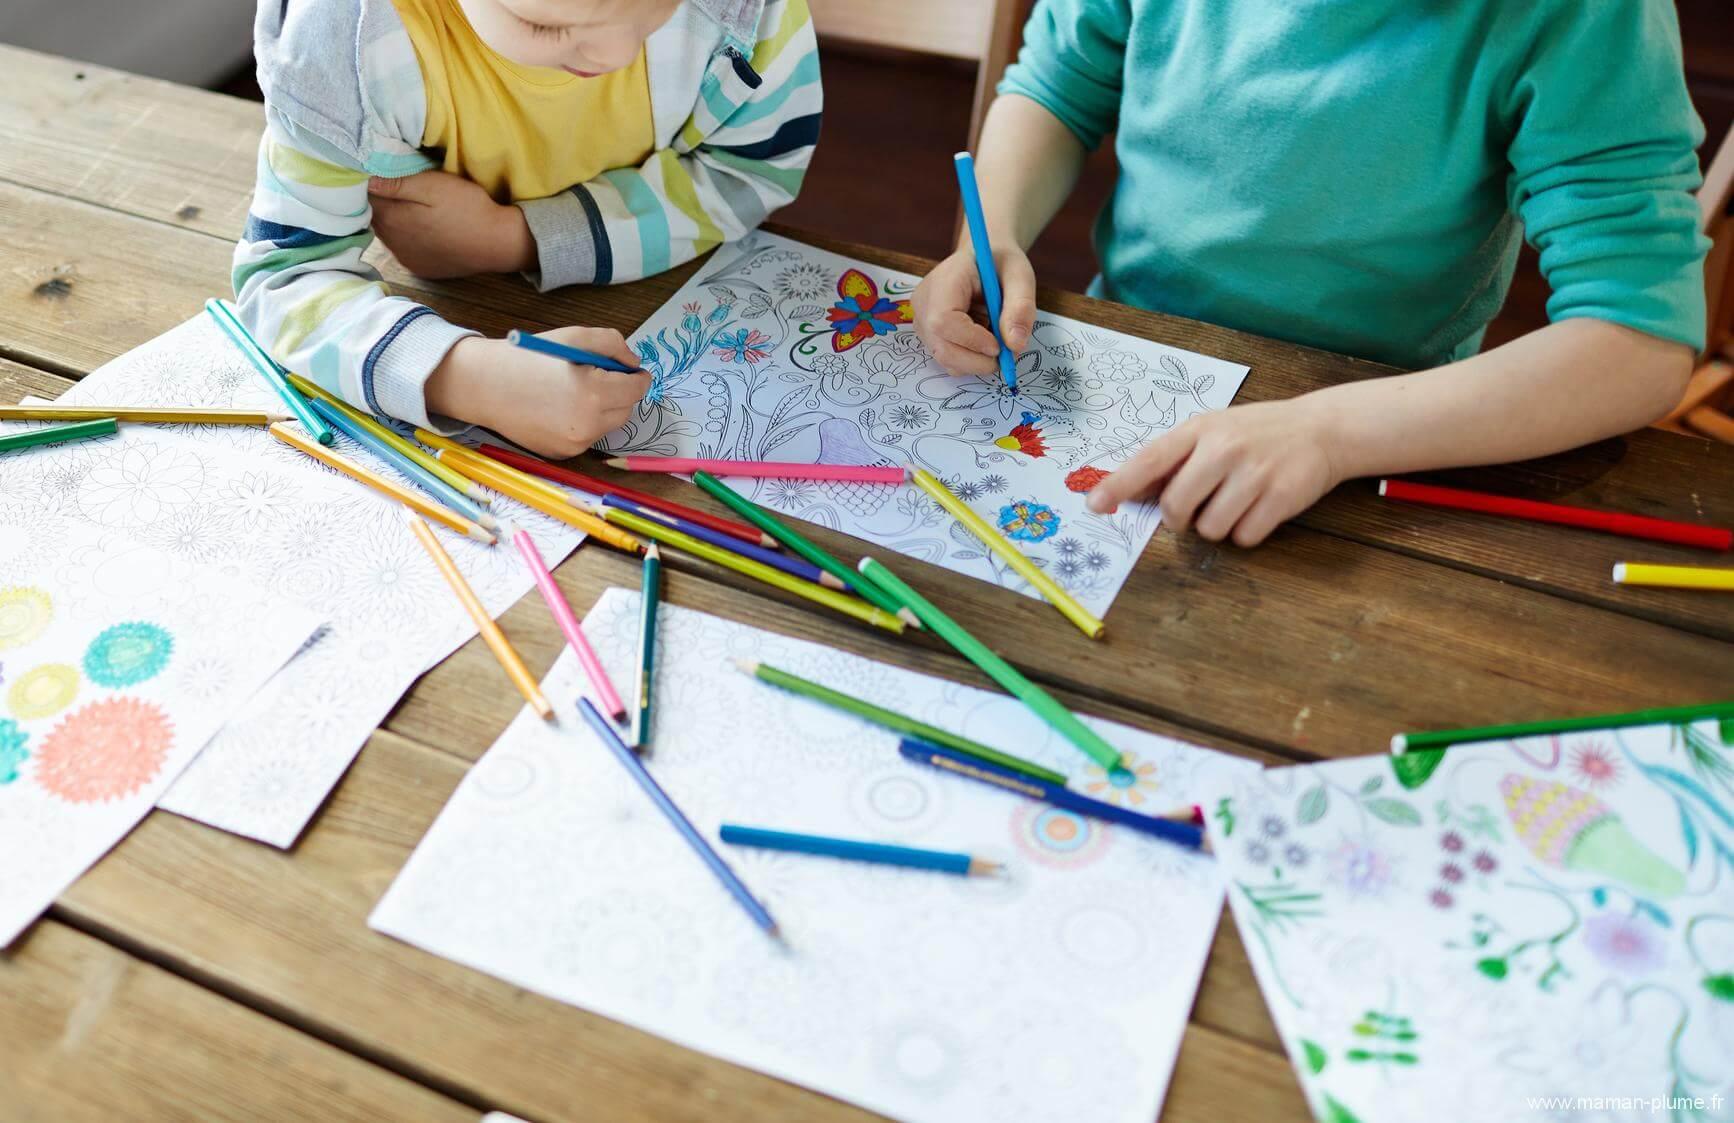 comment stocker et mettre en avant les dessins de vos enfants